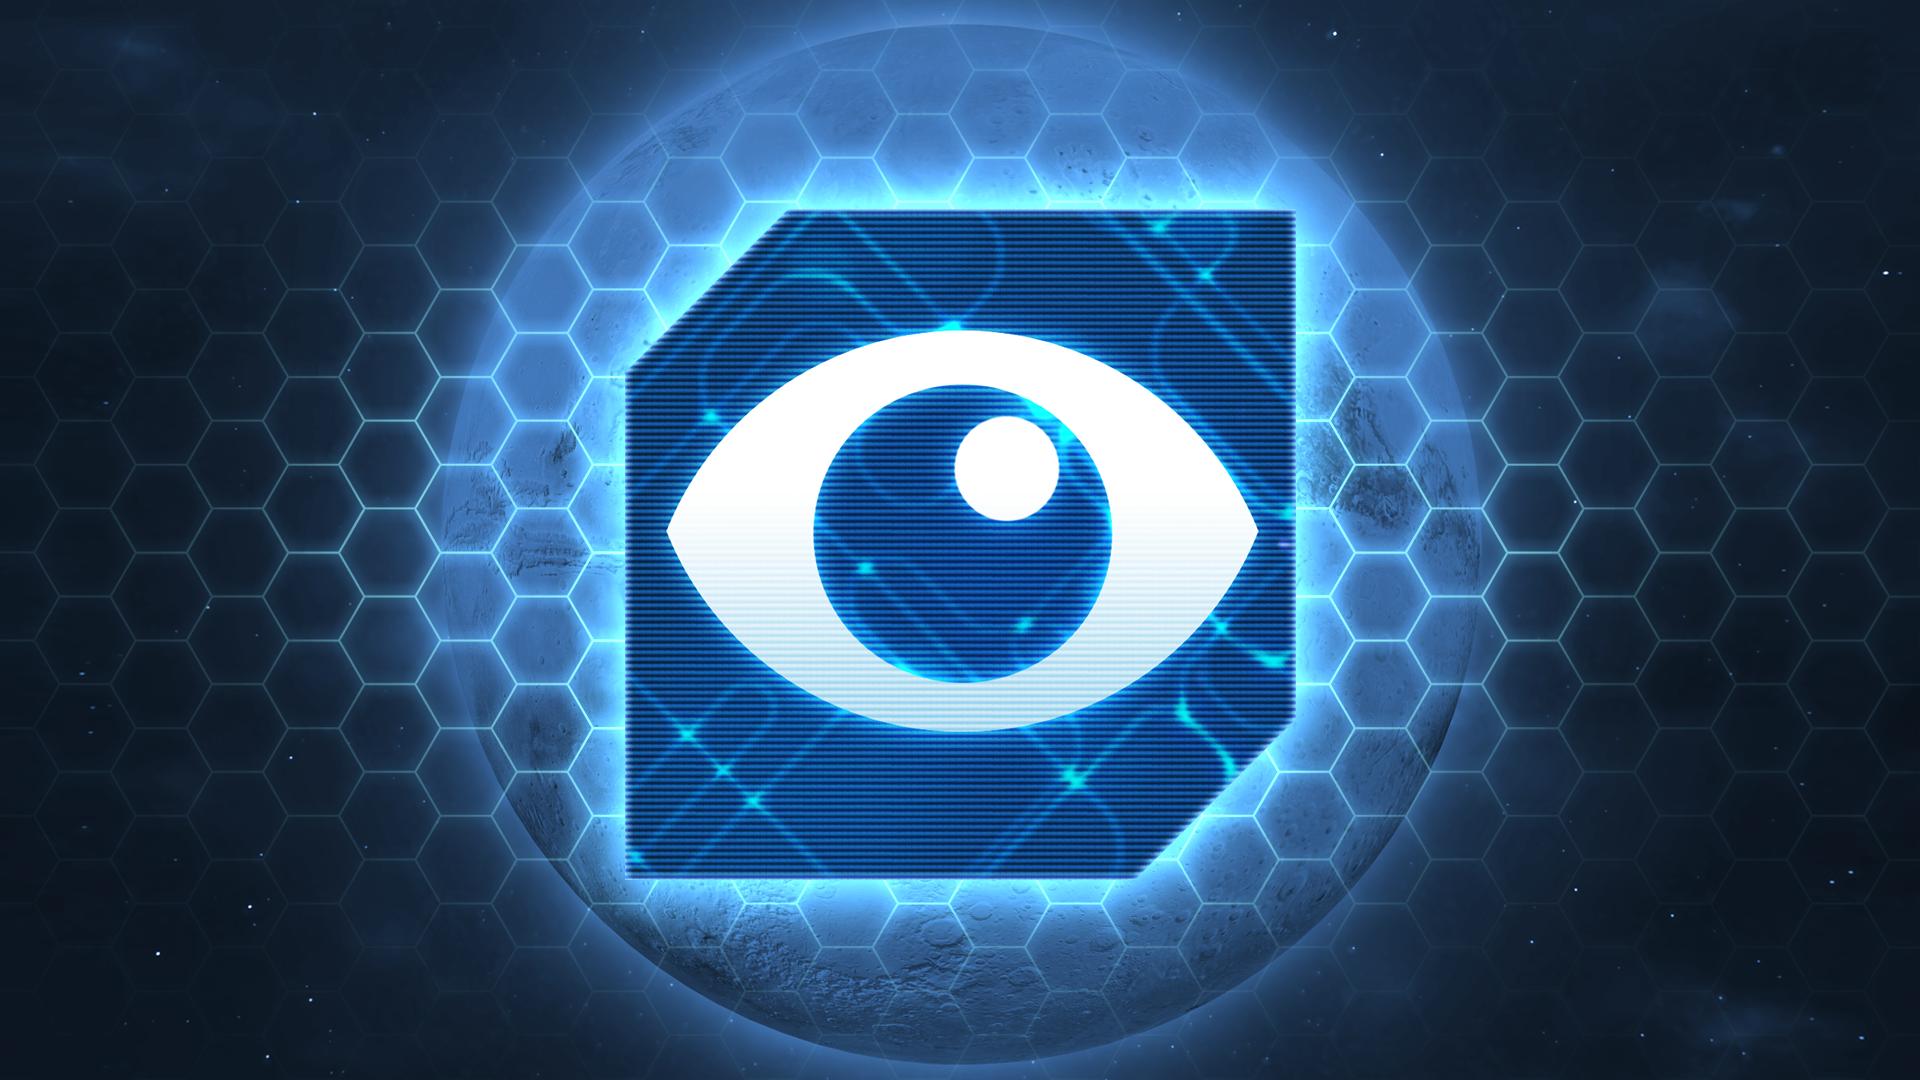 Icon for Posthuman